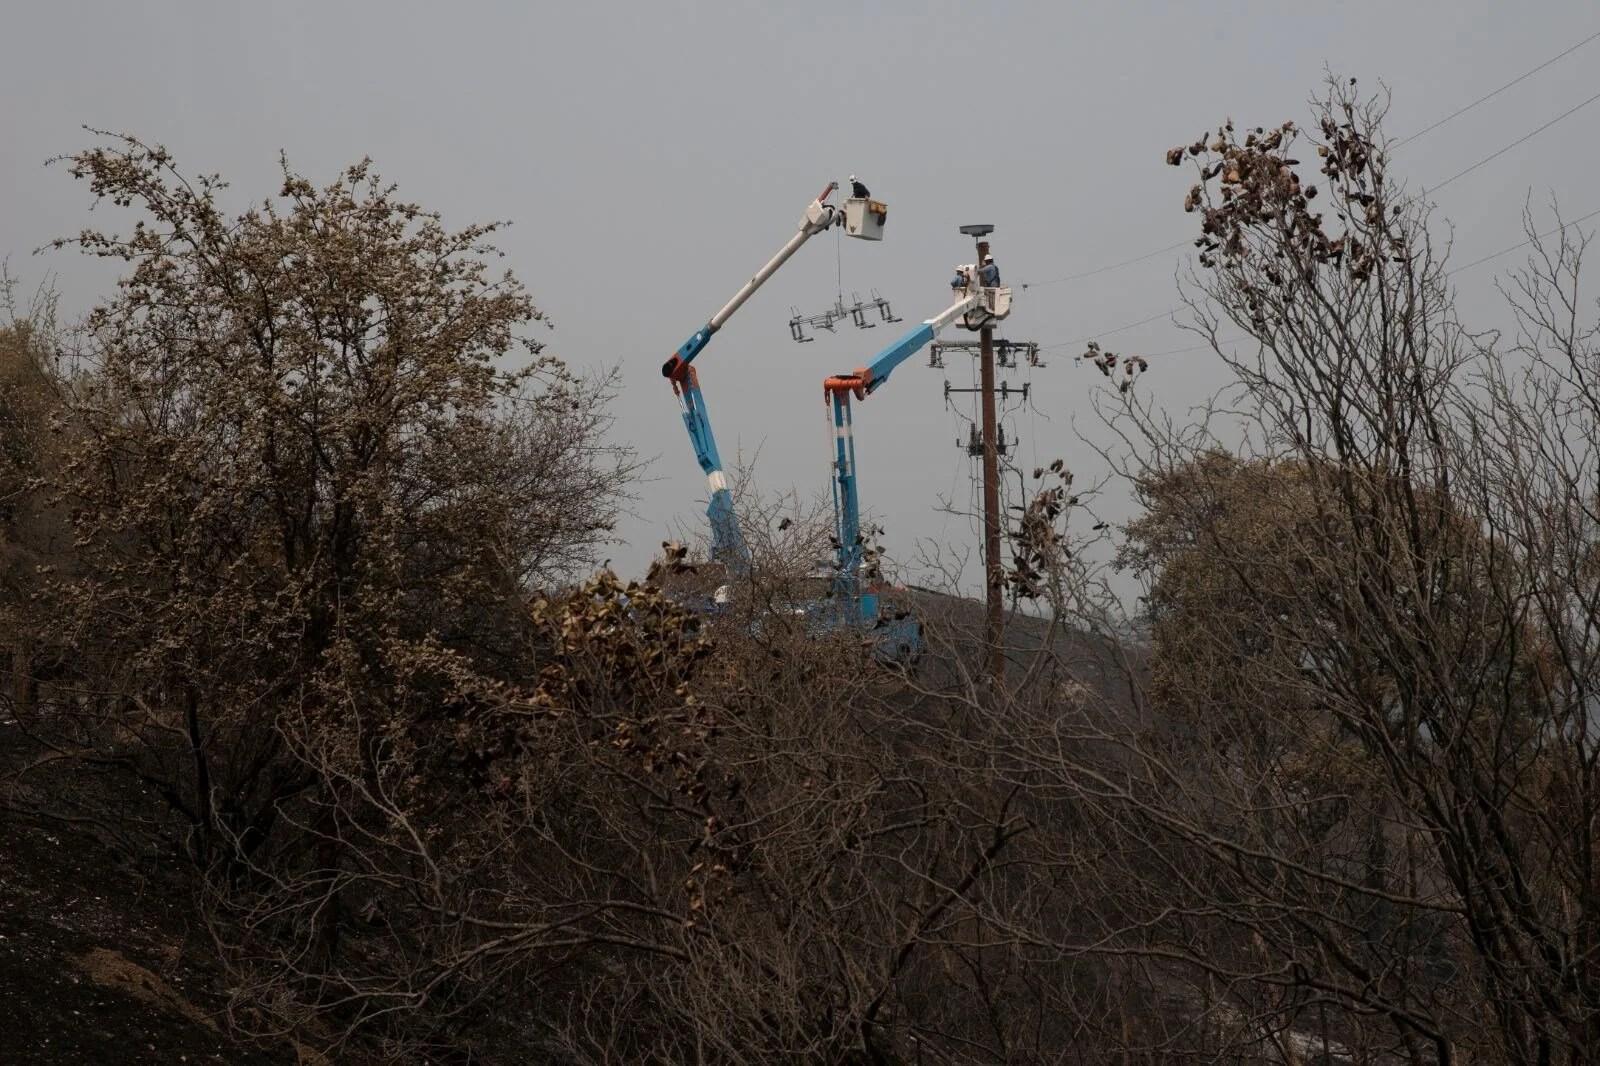 California'da 8 bin kilometrekare alan yandı, rekor kırıldı - 16